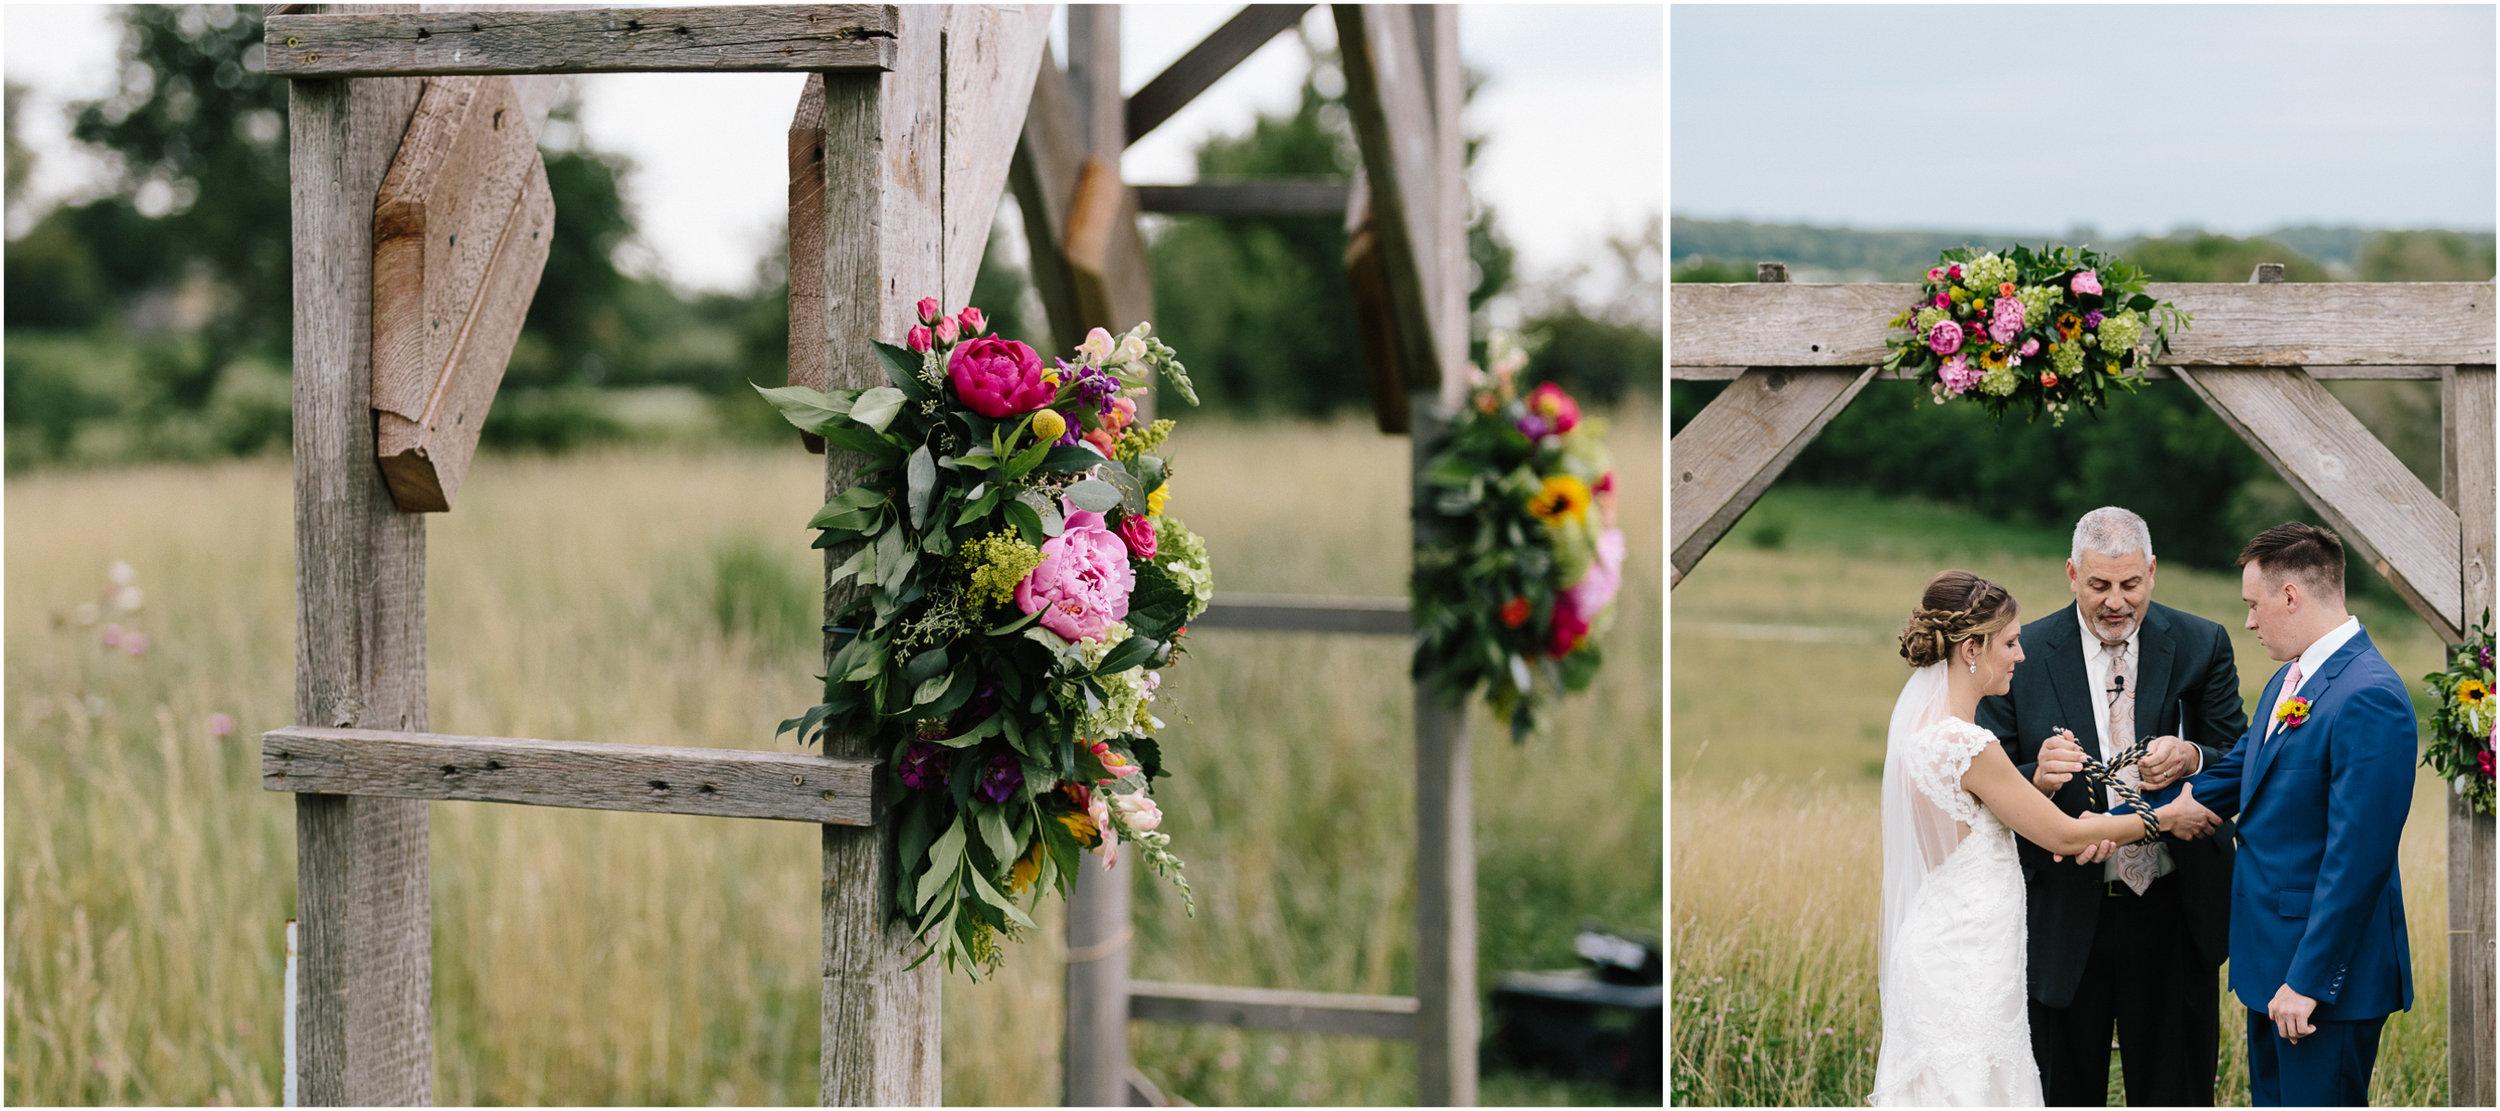 alyssa barletter photography weston missouri bright summer wedding allie and alex cole-40.jpg